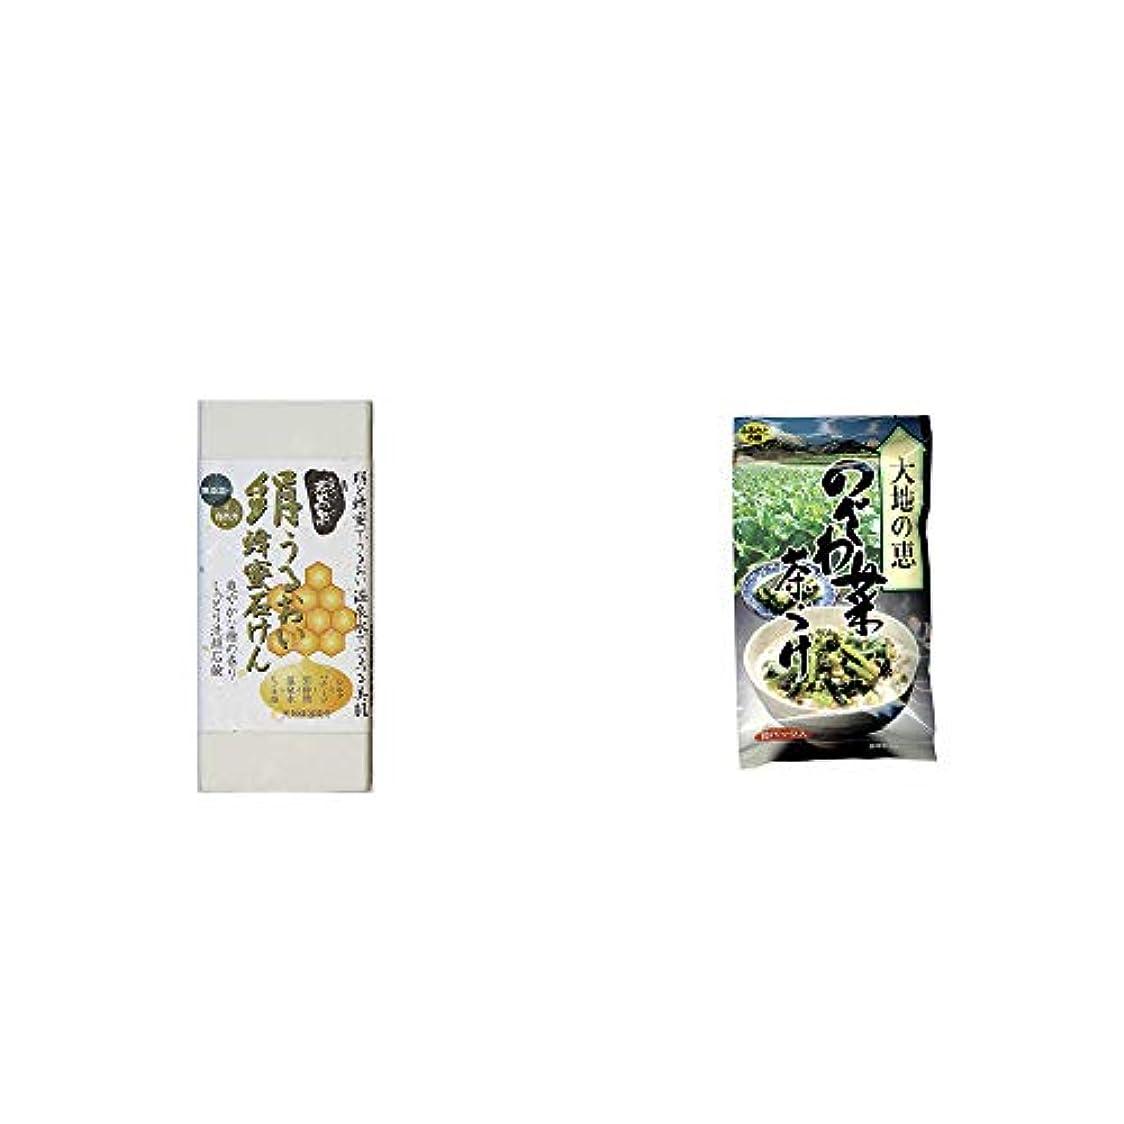 こする平日命題[2点セット] ひのき炭黒泉 絹うるおい蜂蜜石けん(75g×2)?特選茶漬け 大地の恵 のざわ菜茶づけ(10袋入)